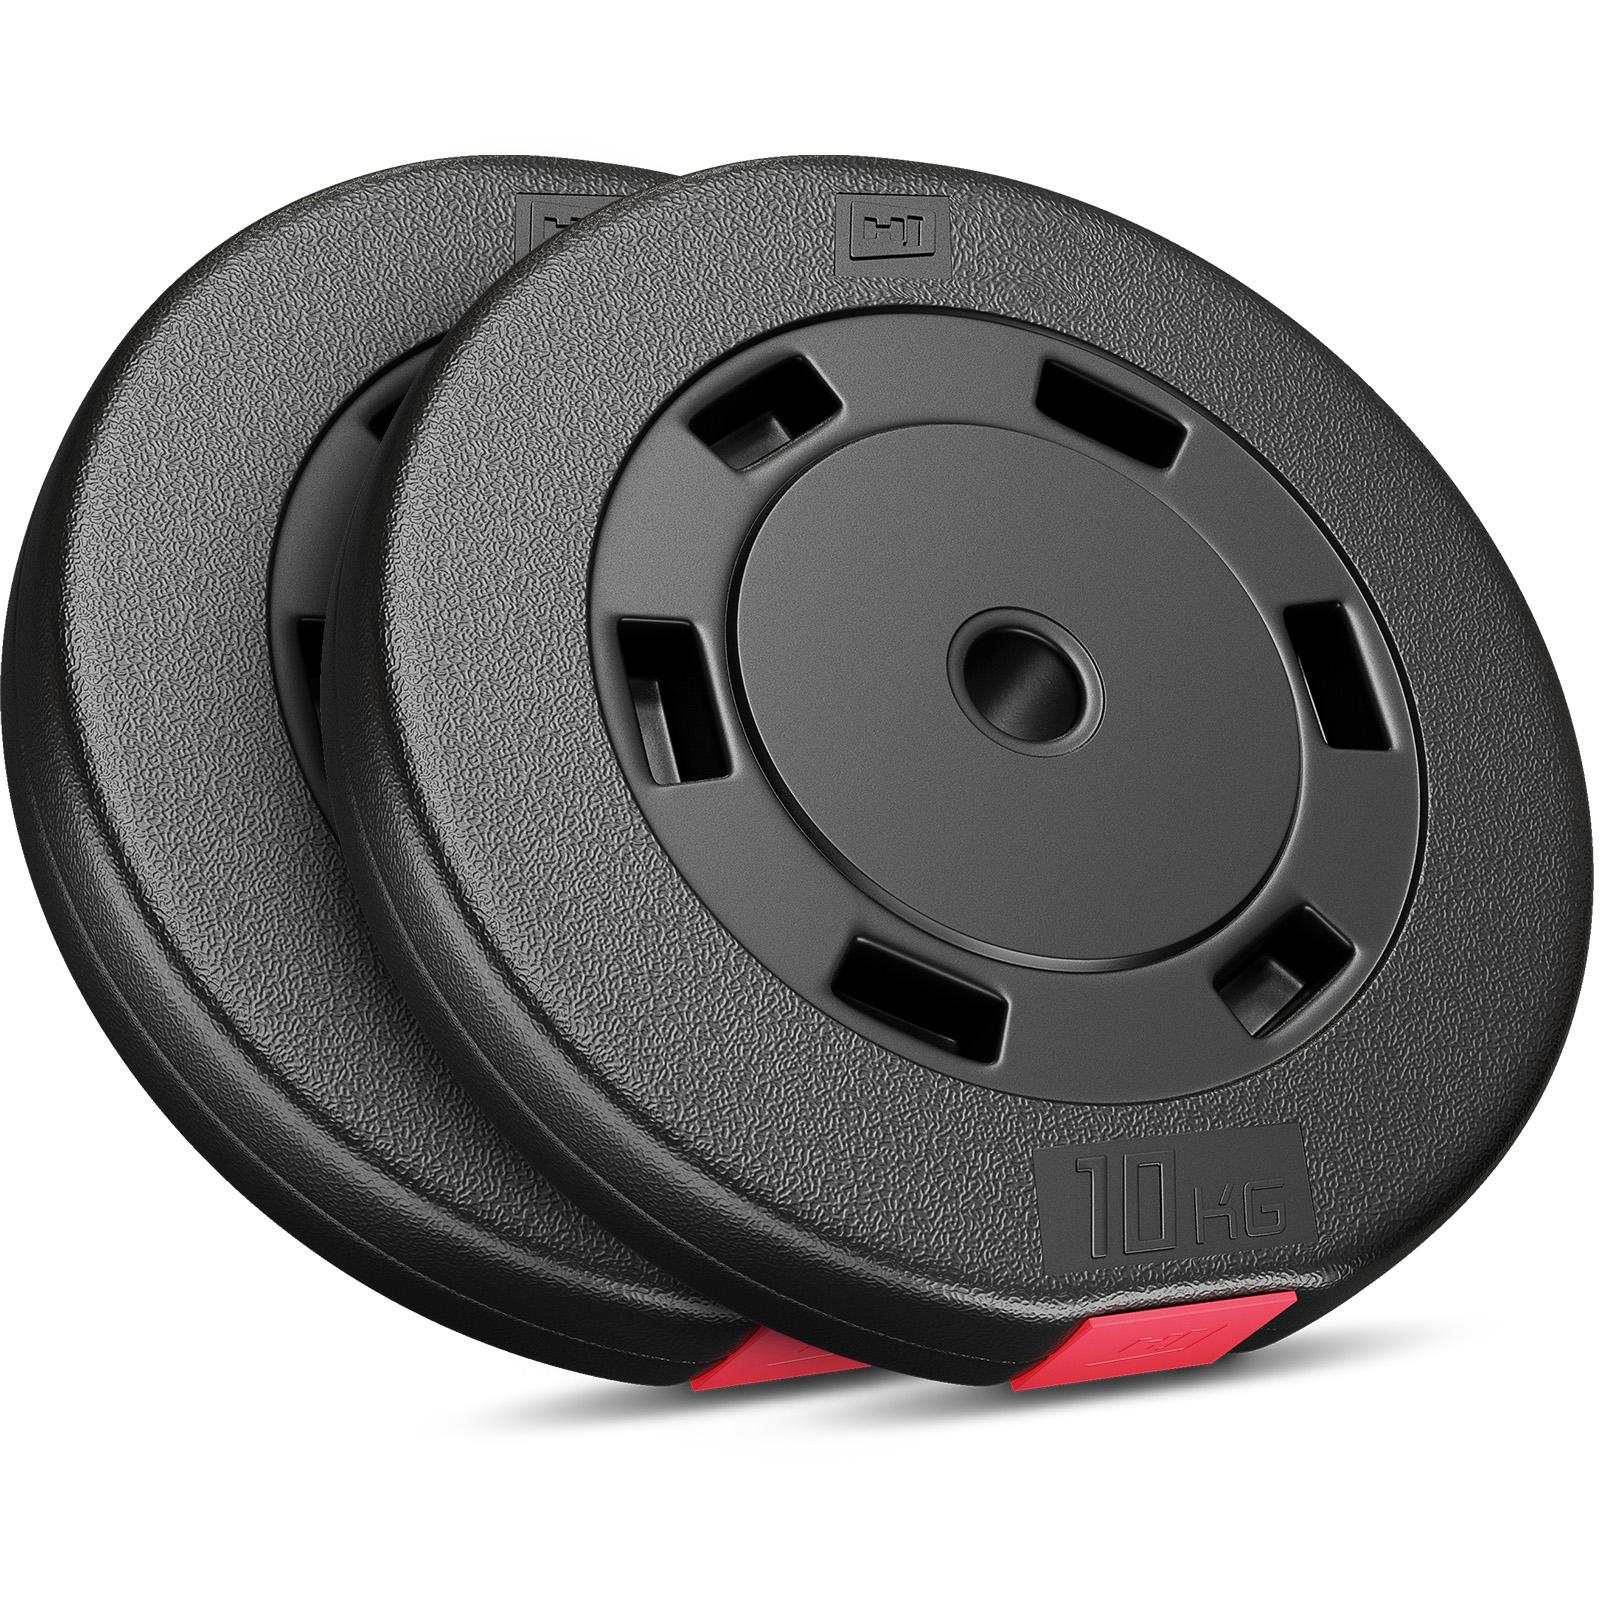 2x 10kg Hantelscheiben aus Kunststoff von Hop-Sport (Sand-Zement-Füllung, 30/31mm Lochdurchmesser, 54mm breit)